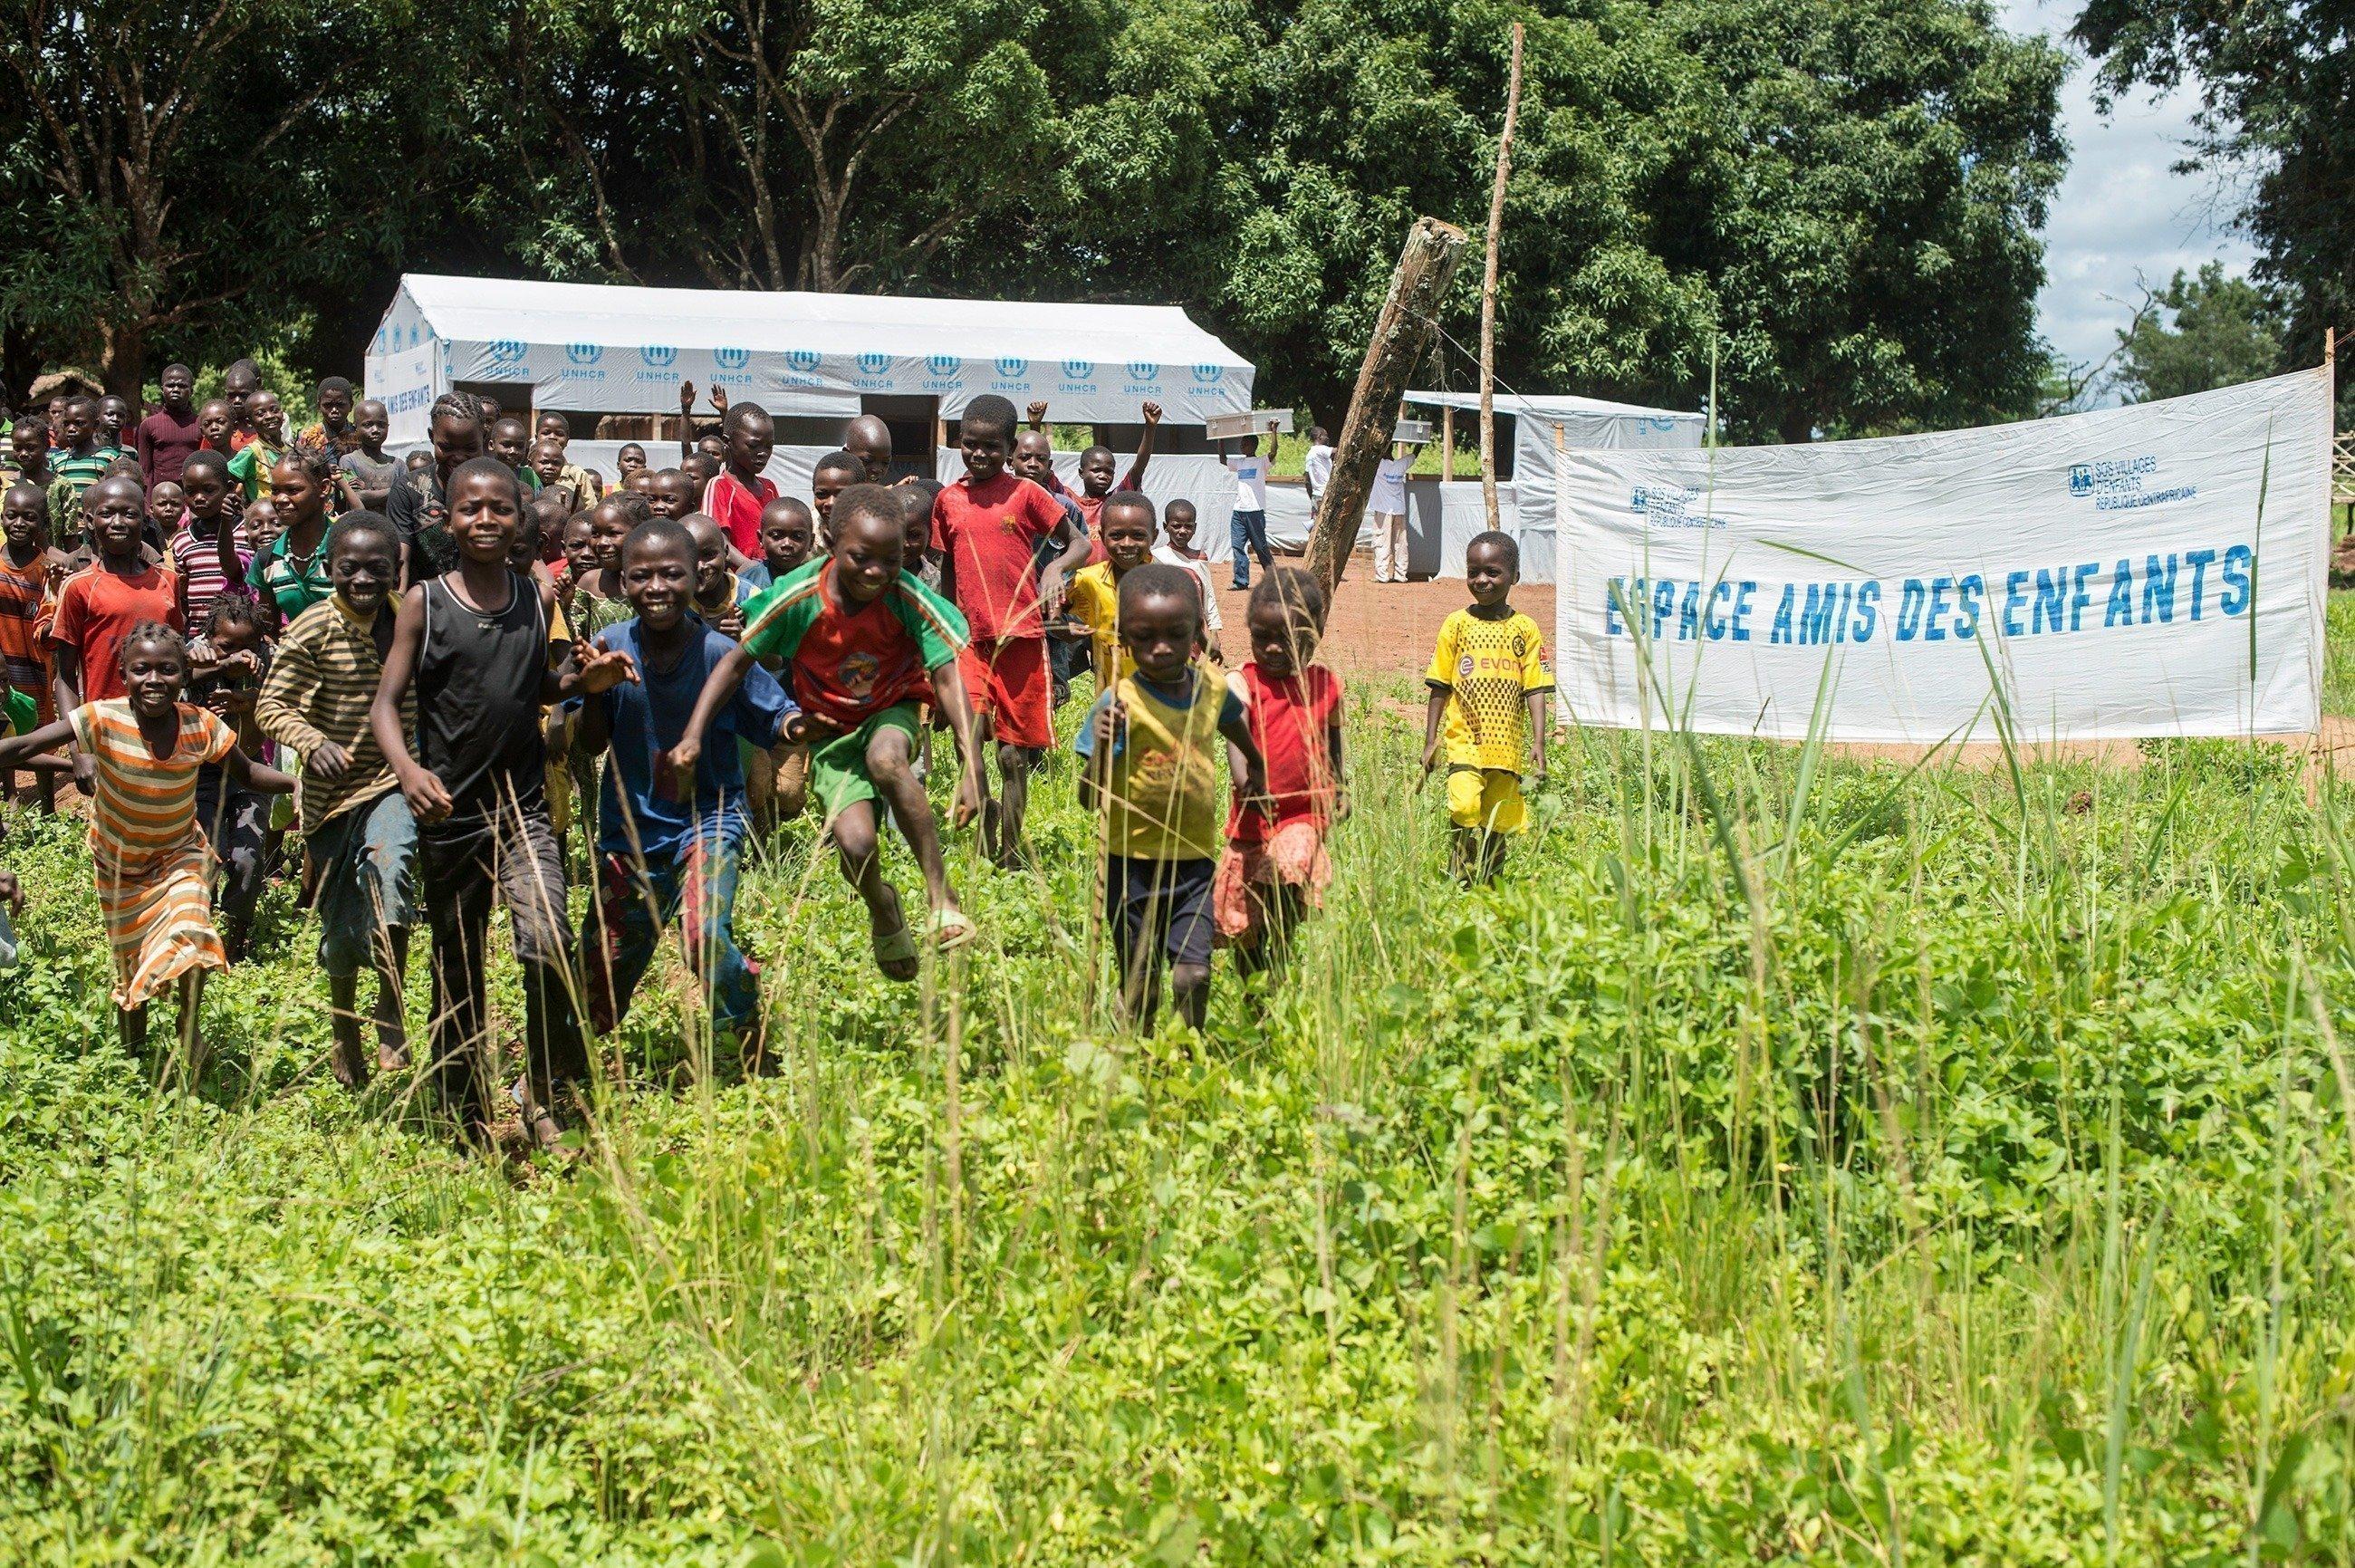 Une foule d'enfants court en direction de l'appareil photo. Un panneau d'entrée montre un slogan de SOS Villages d'Enfants.